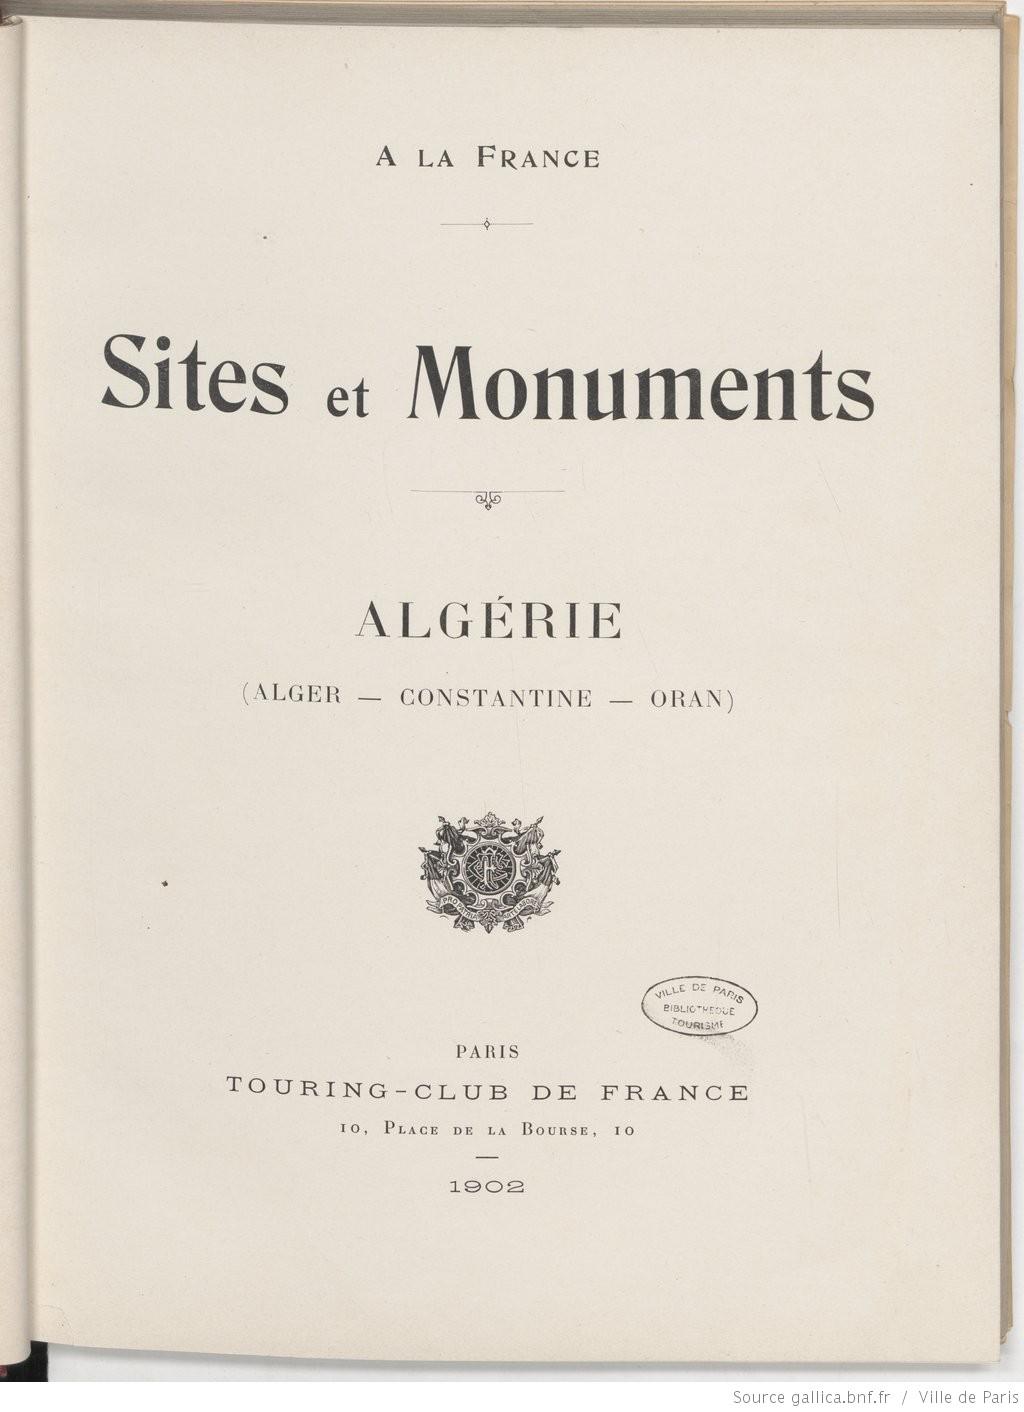 Touring Club de France, À la France : sites et monuments. Algérie (Alger, Constantine, Oran) (notices de Onésime Reclus) | Source : Gallica.fr BnF